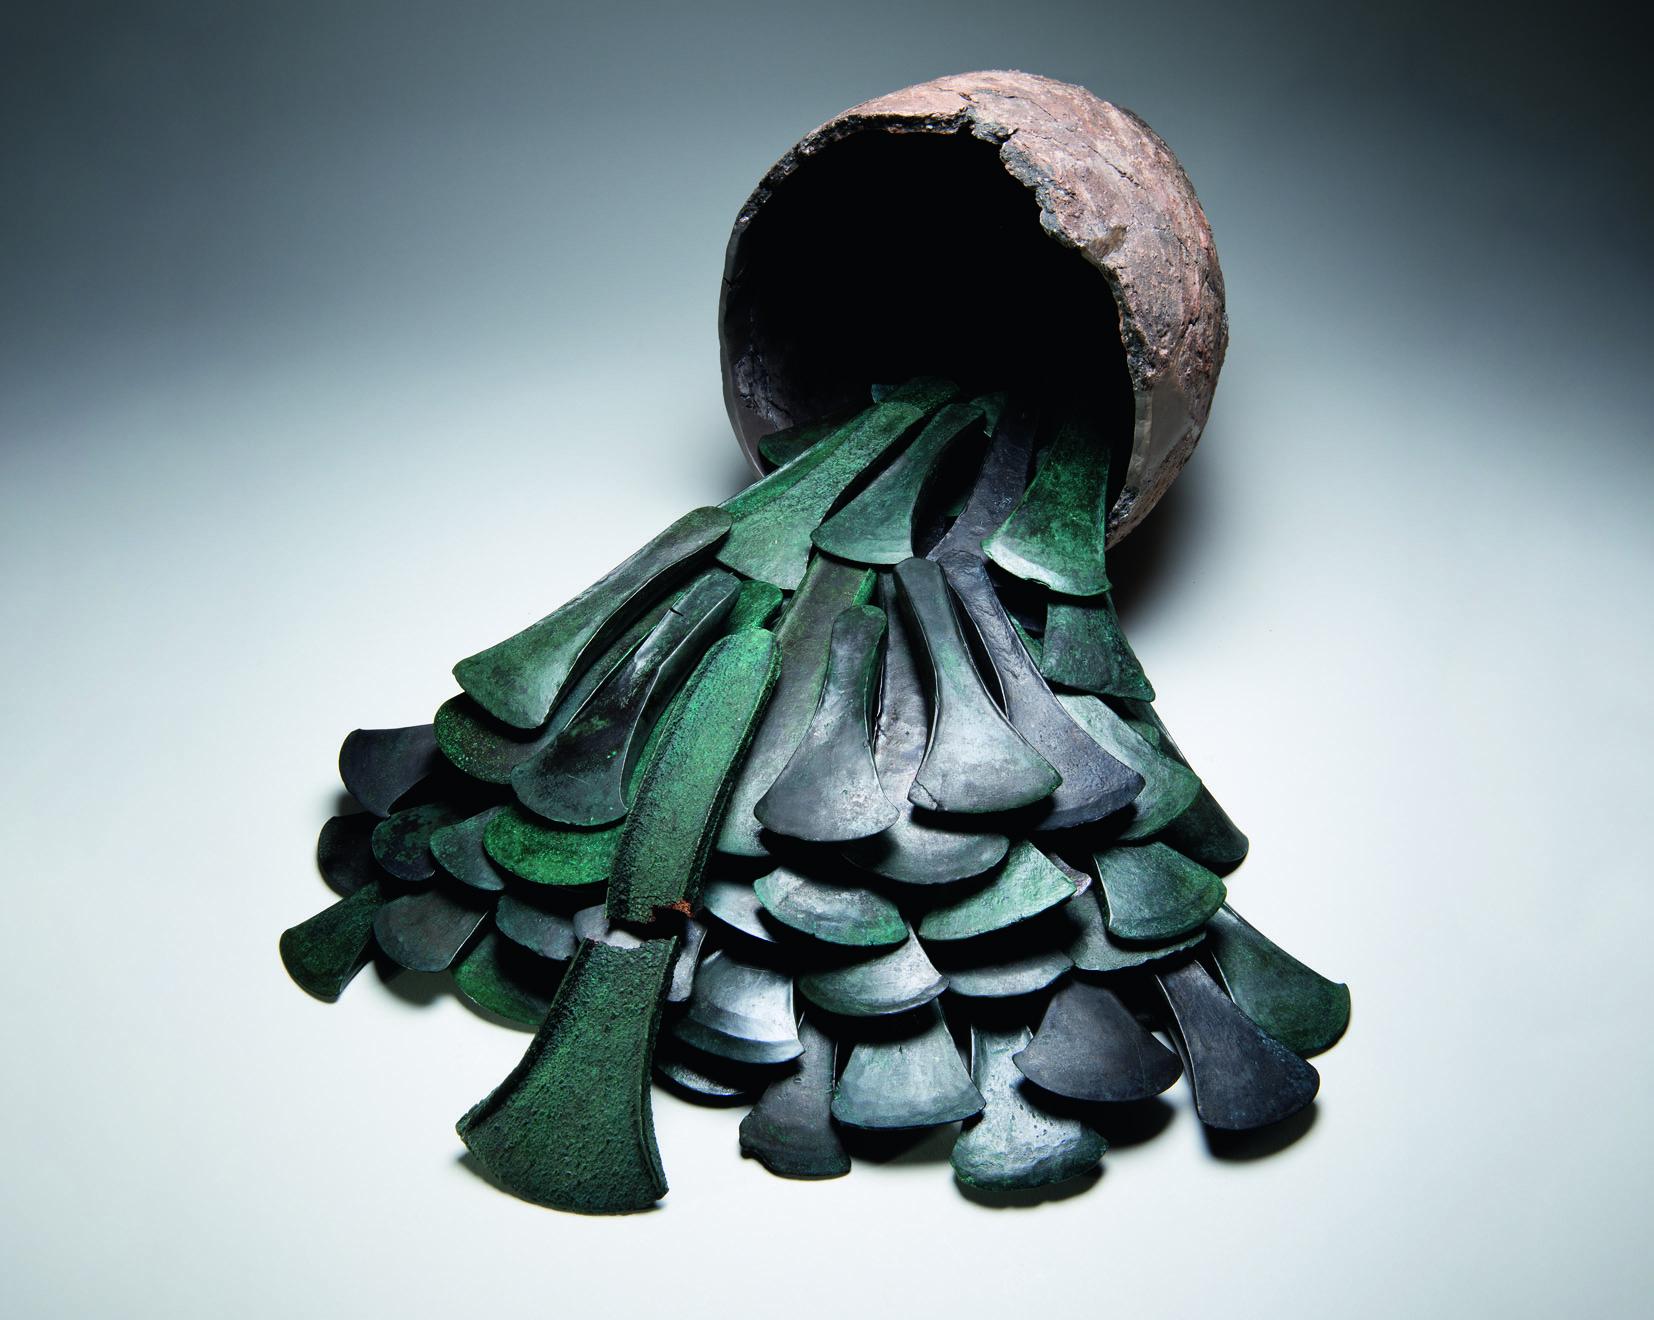 Viele dunkelgrünpatinierte Bronzebeile vor schmucklosem Keramikgefäß